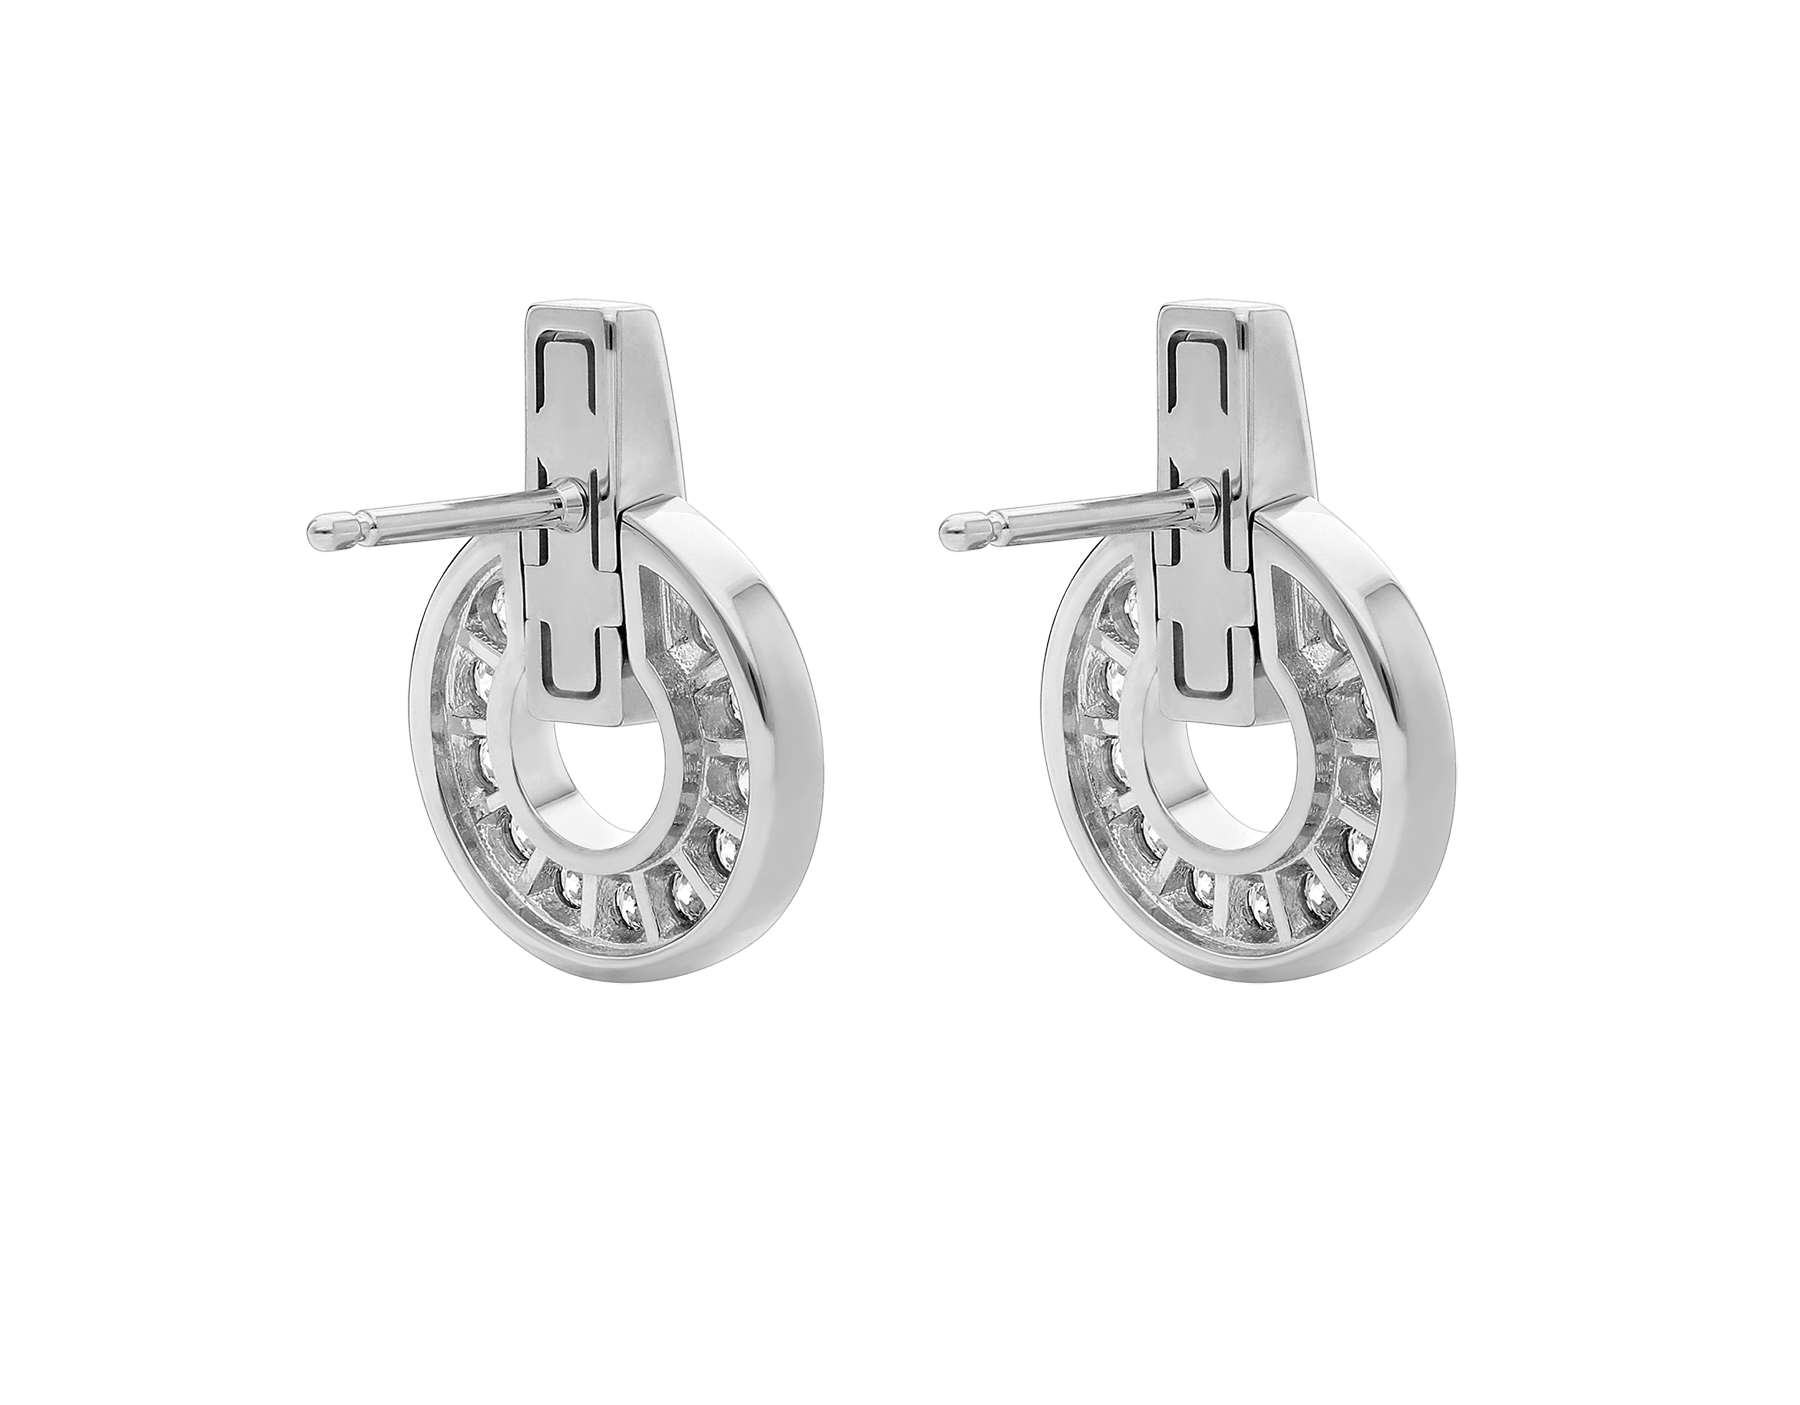 Orecchini BVLGARI BVLGARI Openwork in oro bianco 18 kt con pavé di diamanti. 357940 image 3